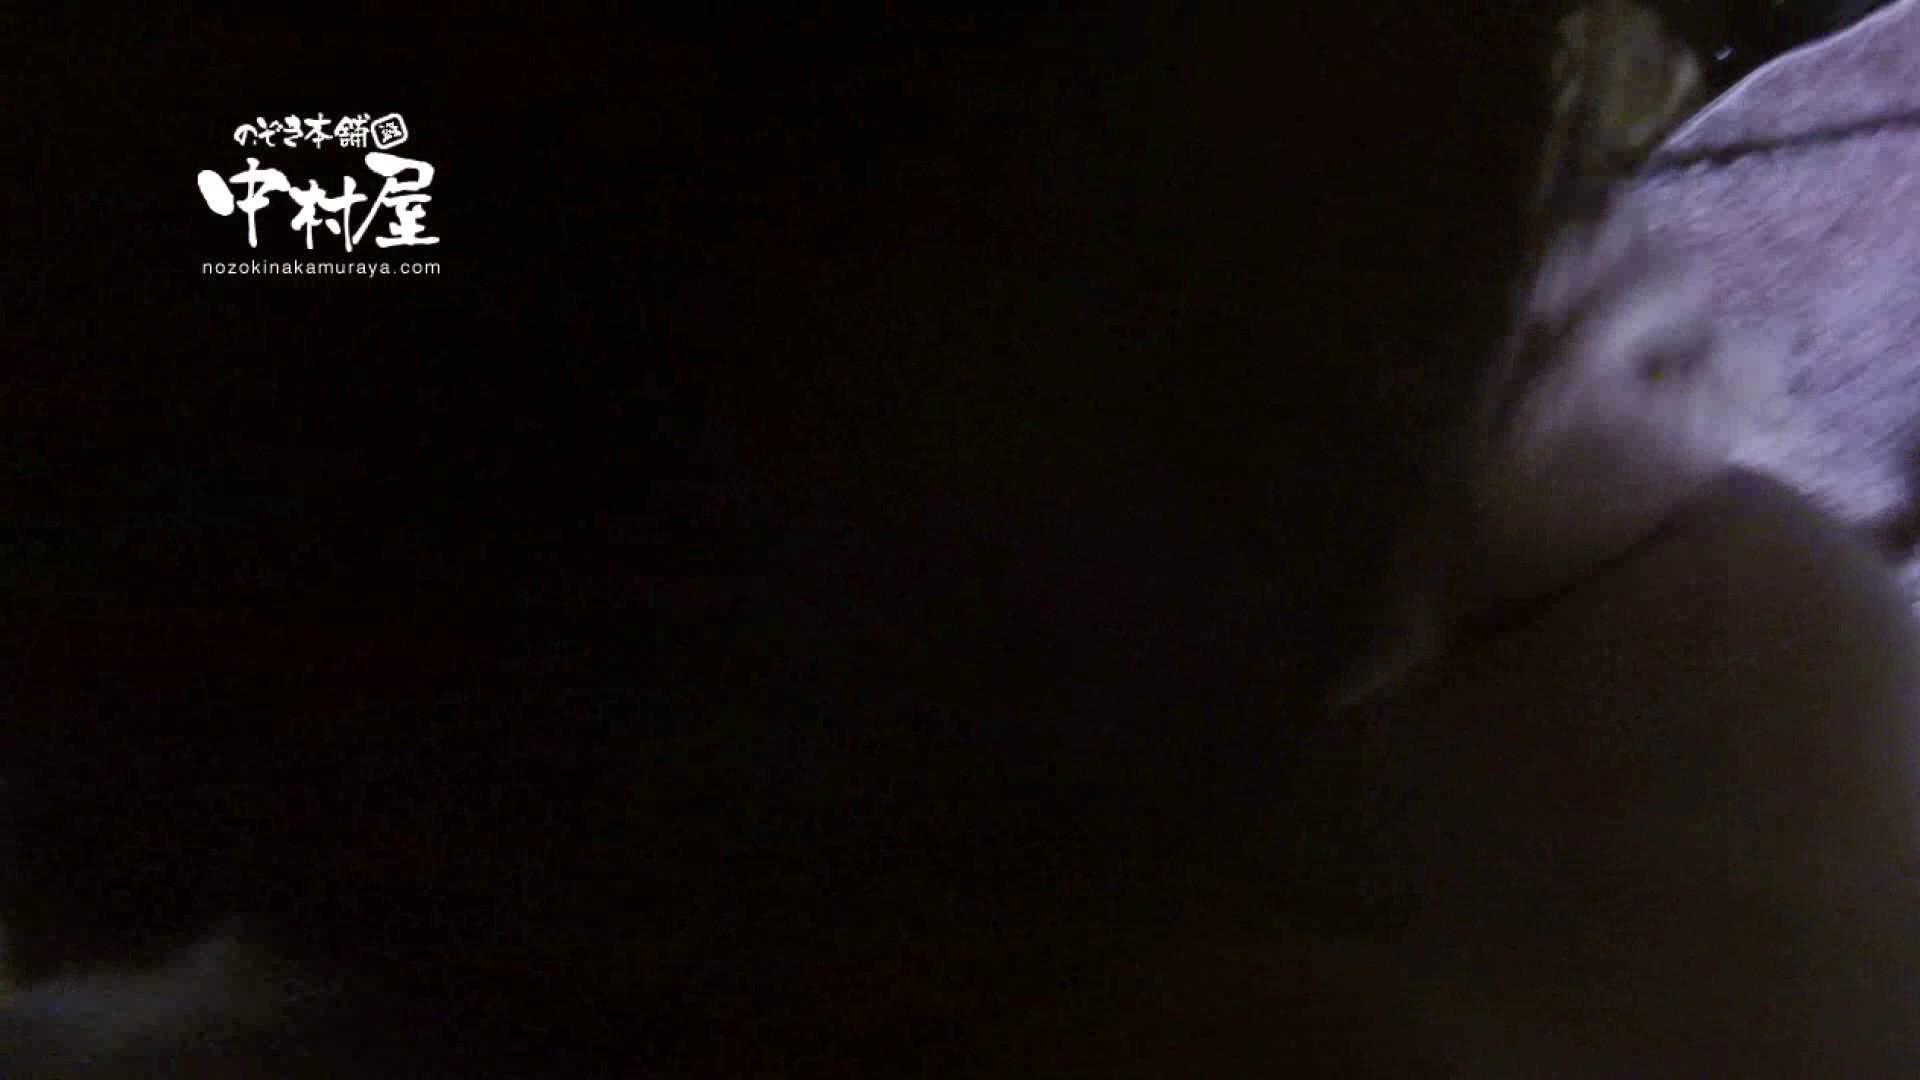 鬼畜 vol.10 あぁ無情…中出しパイパン! 前編 鬼畜  98枚 3